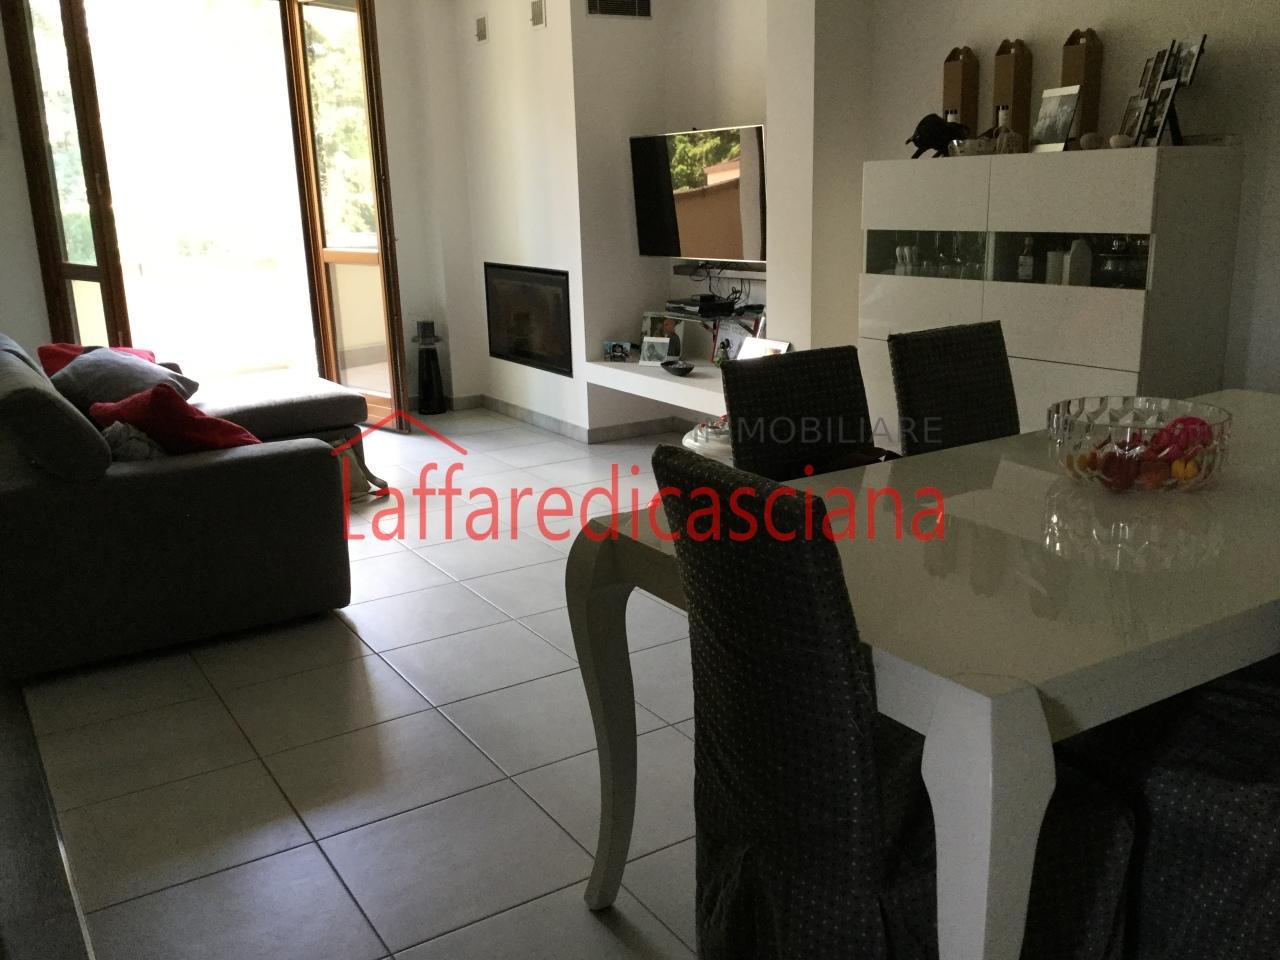 Appartamento in vendita a Terricciola, 4 locali, prezzo € 195.000 | CambioCasa.it